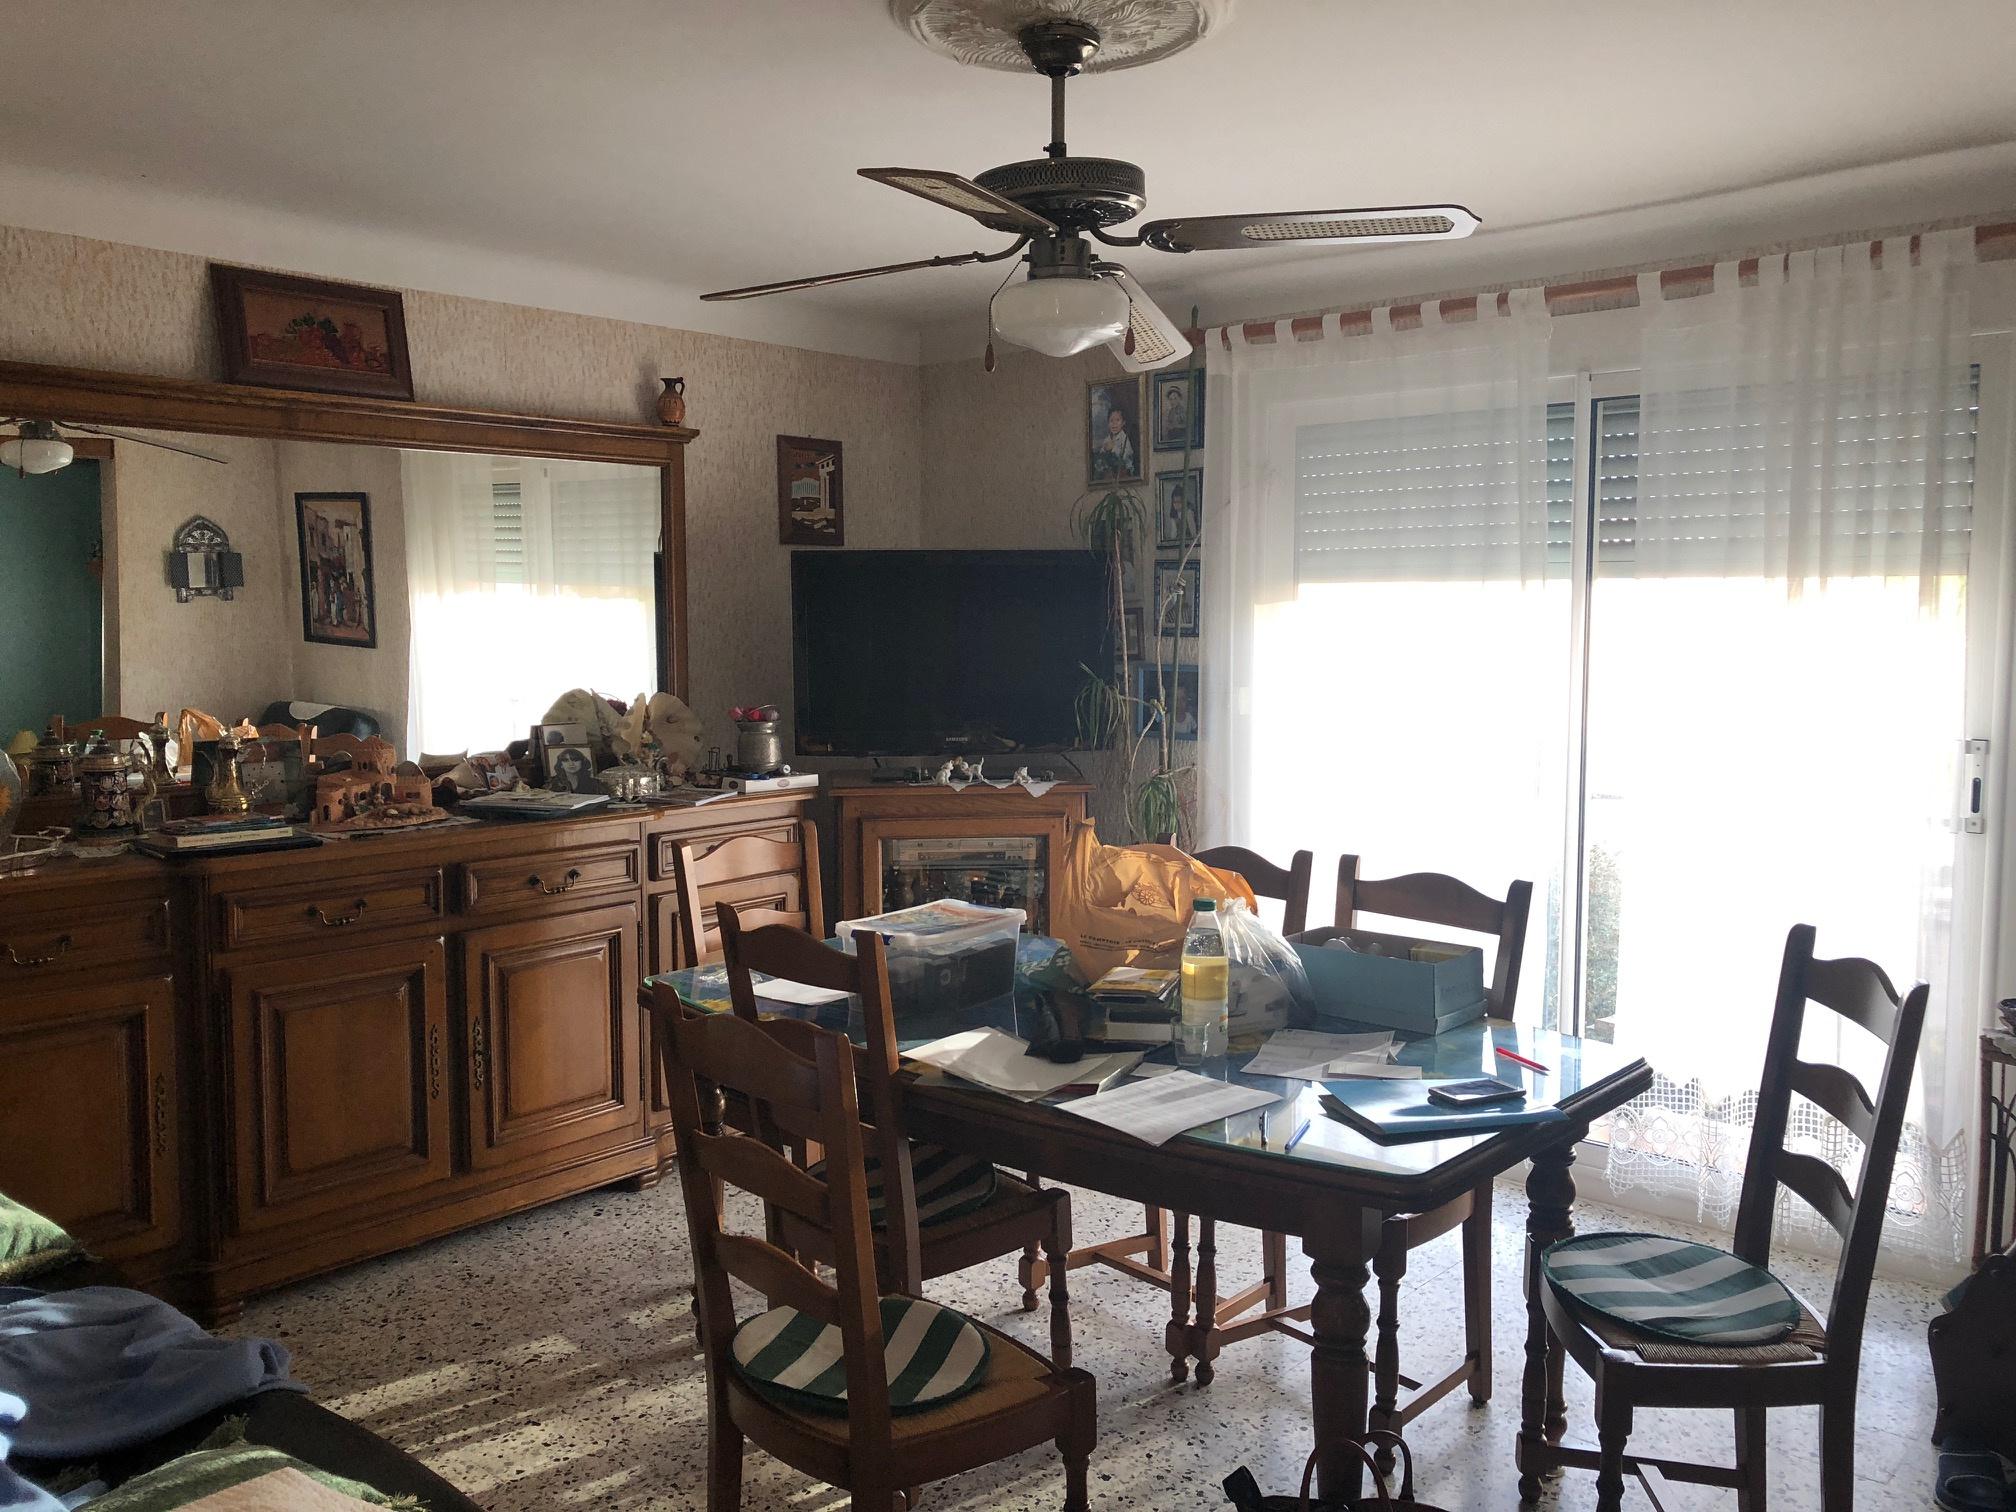 Séjour avec espace salle à manger spacieux et lumineux avec balcon terrasse,